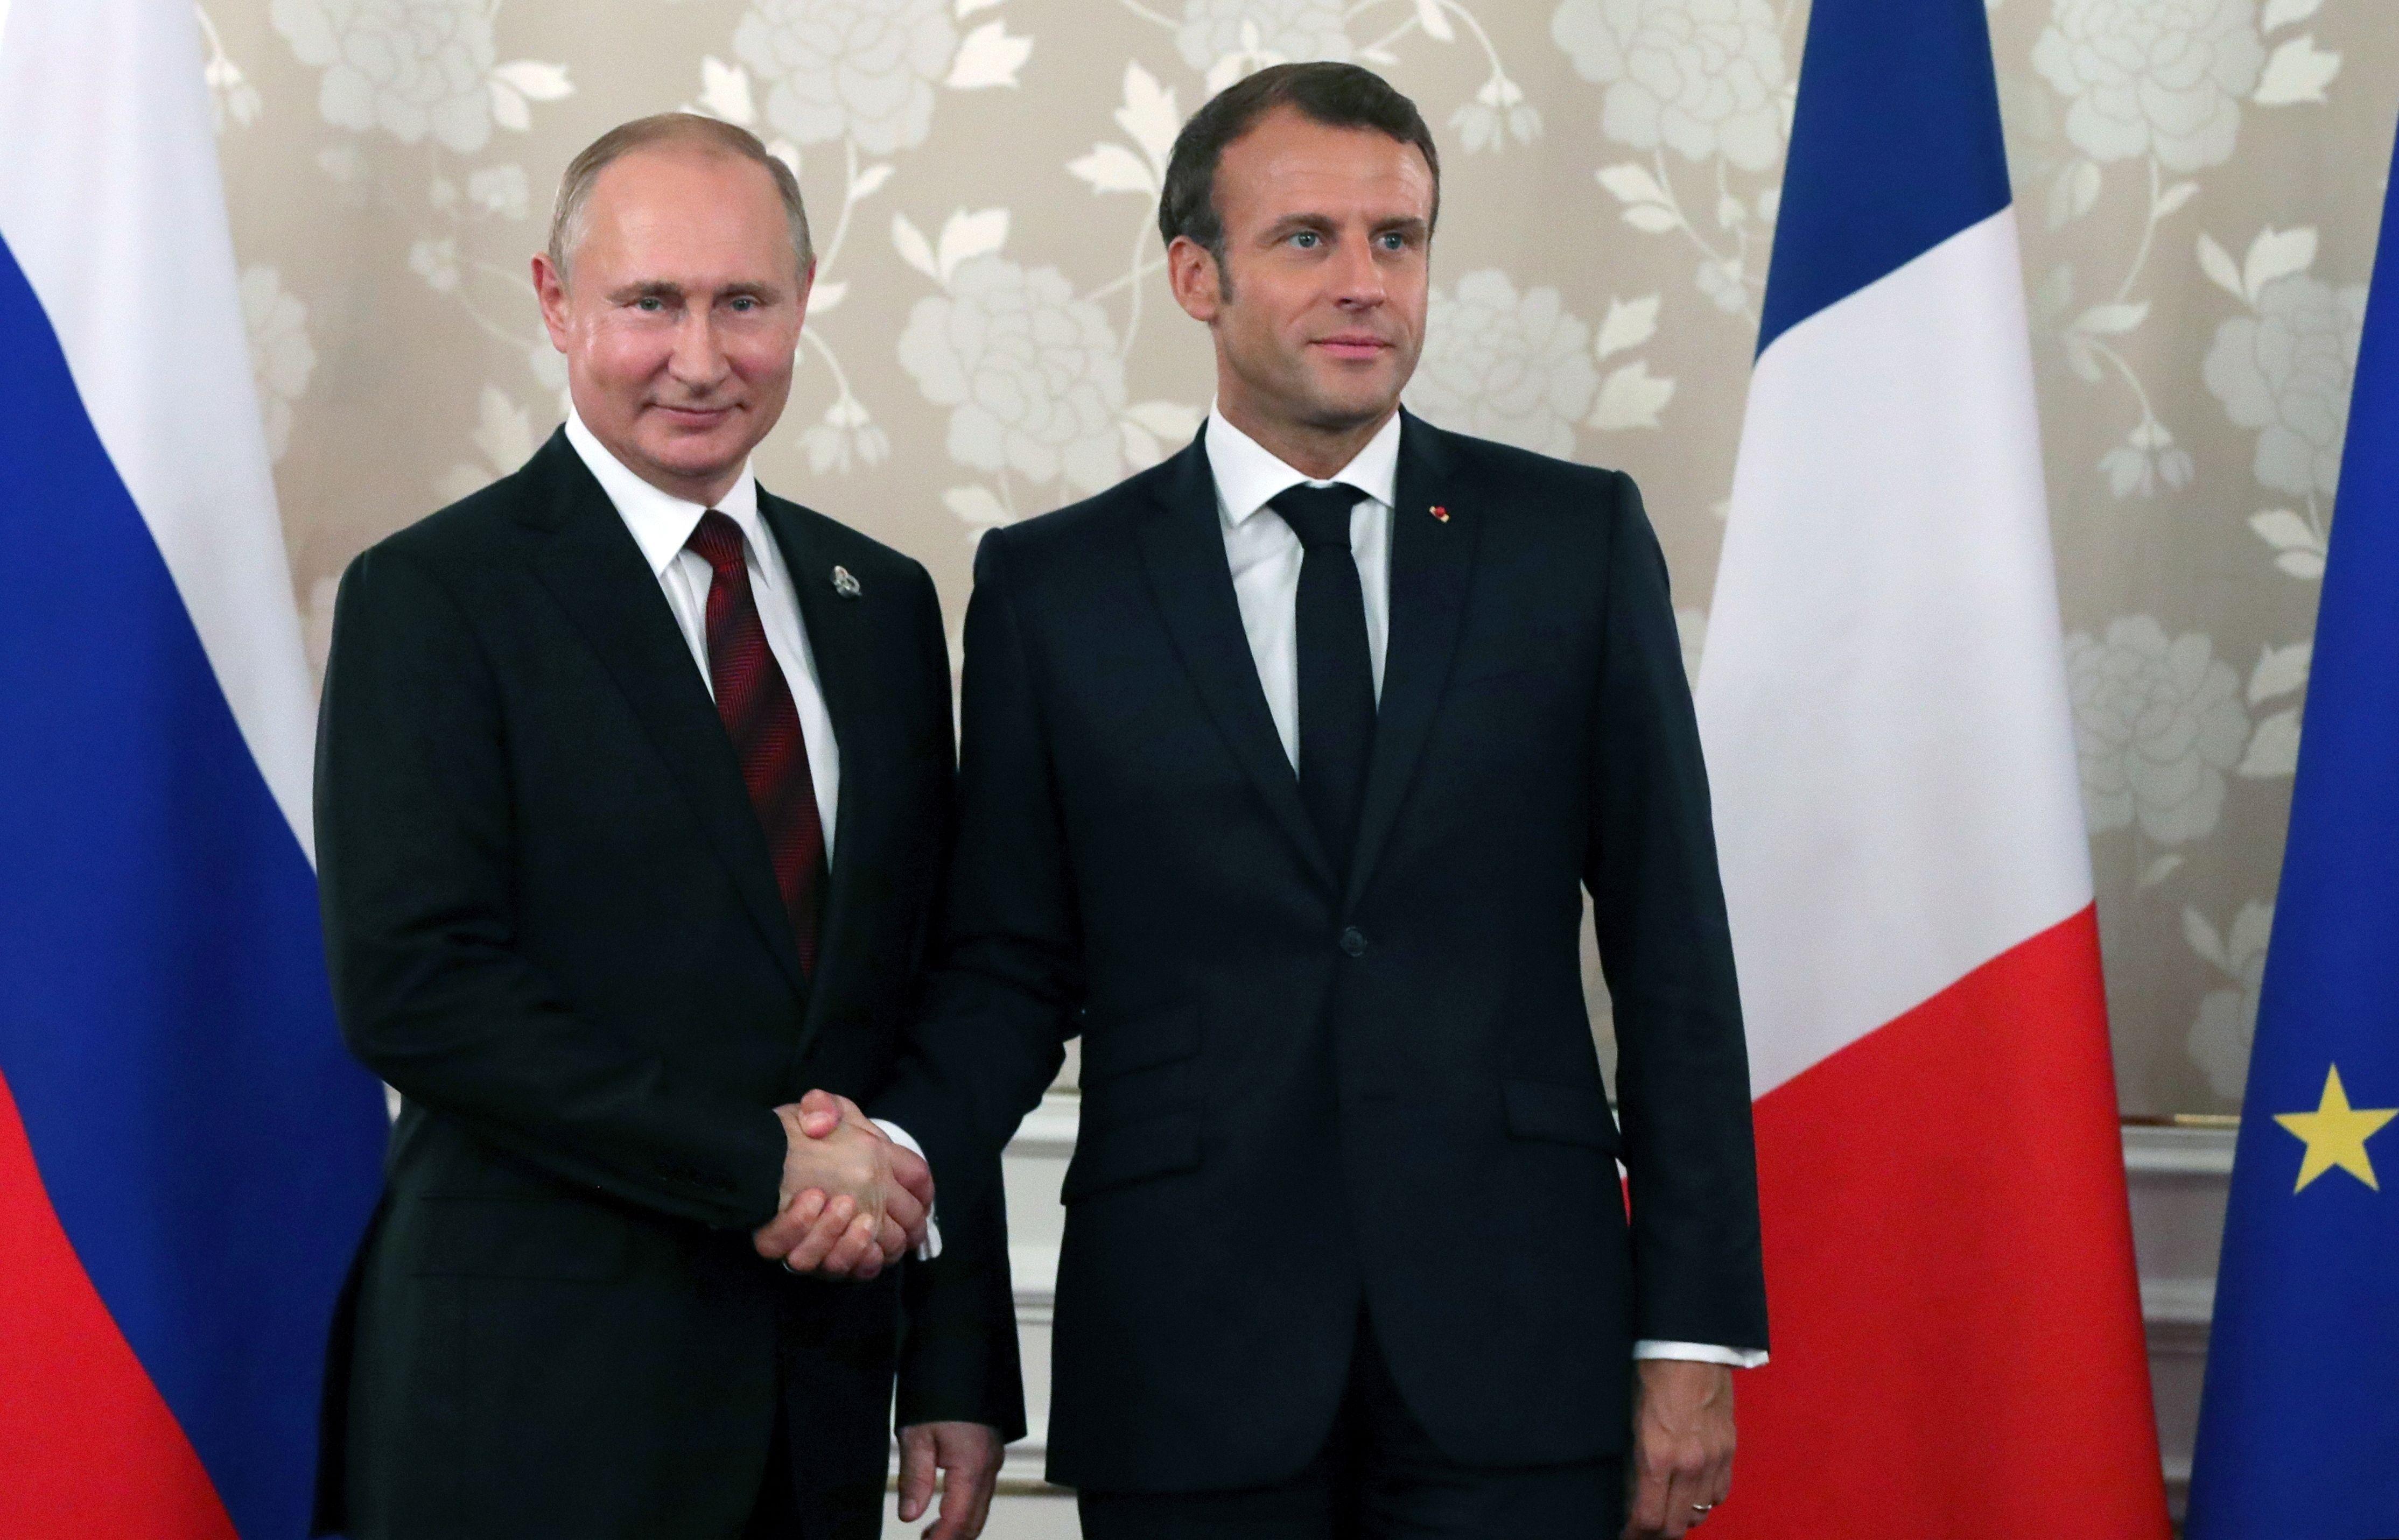 Макрон вступился за Россию и предложил НАТО дружить с Путиным